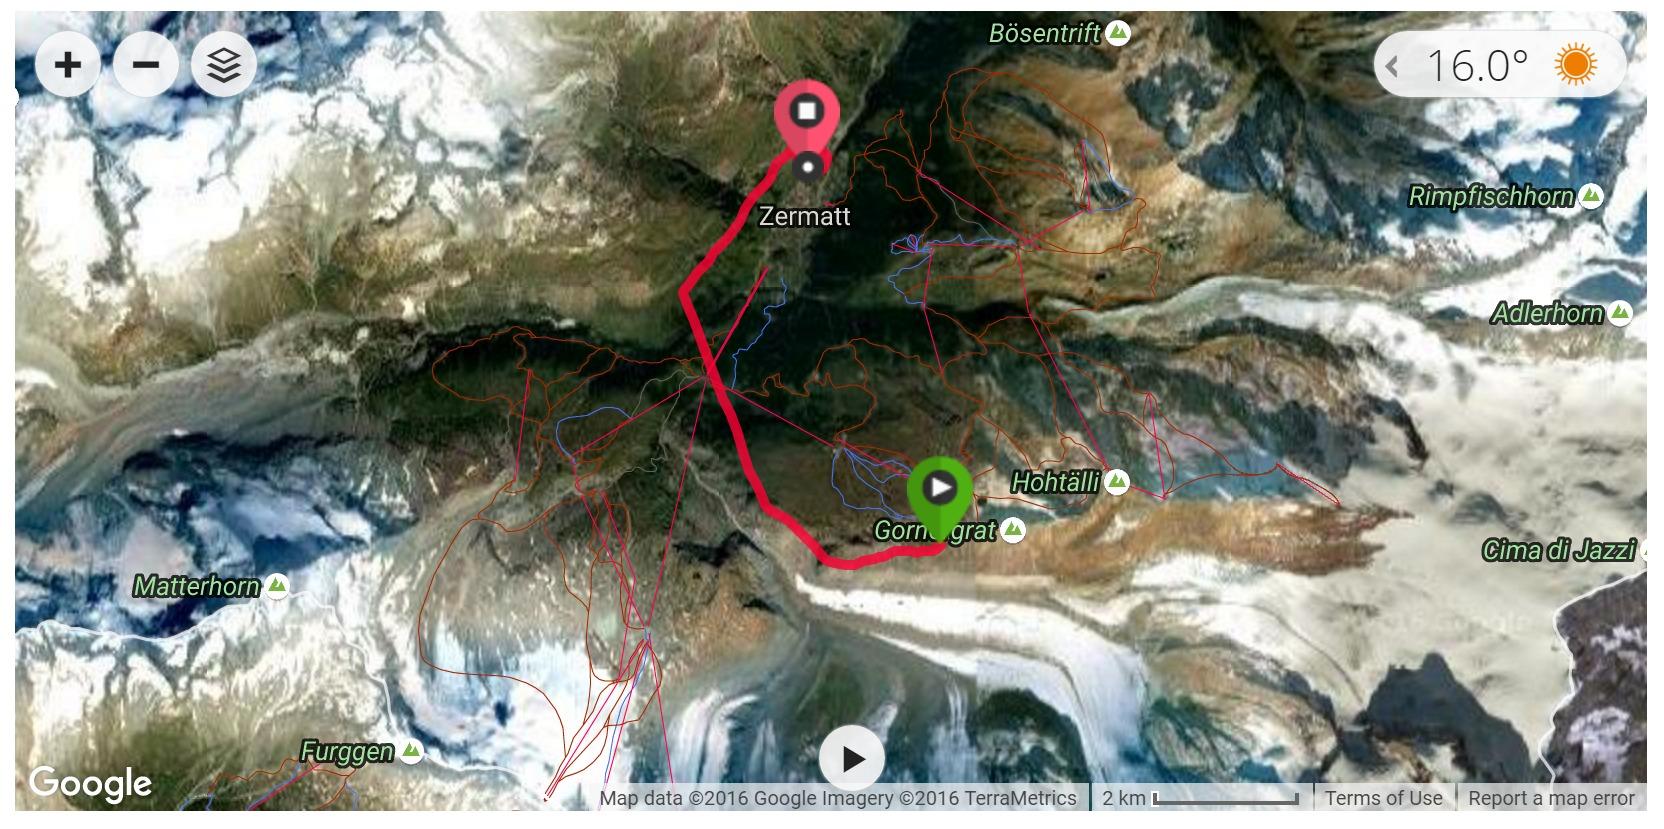 Paragliding (Rotenboden, Zermatt) - Satellite